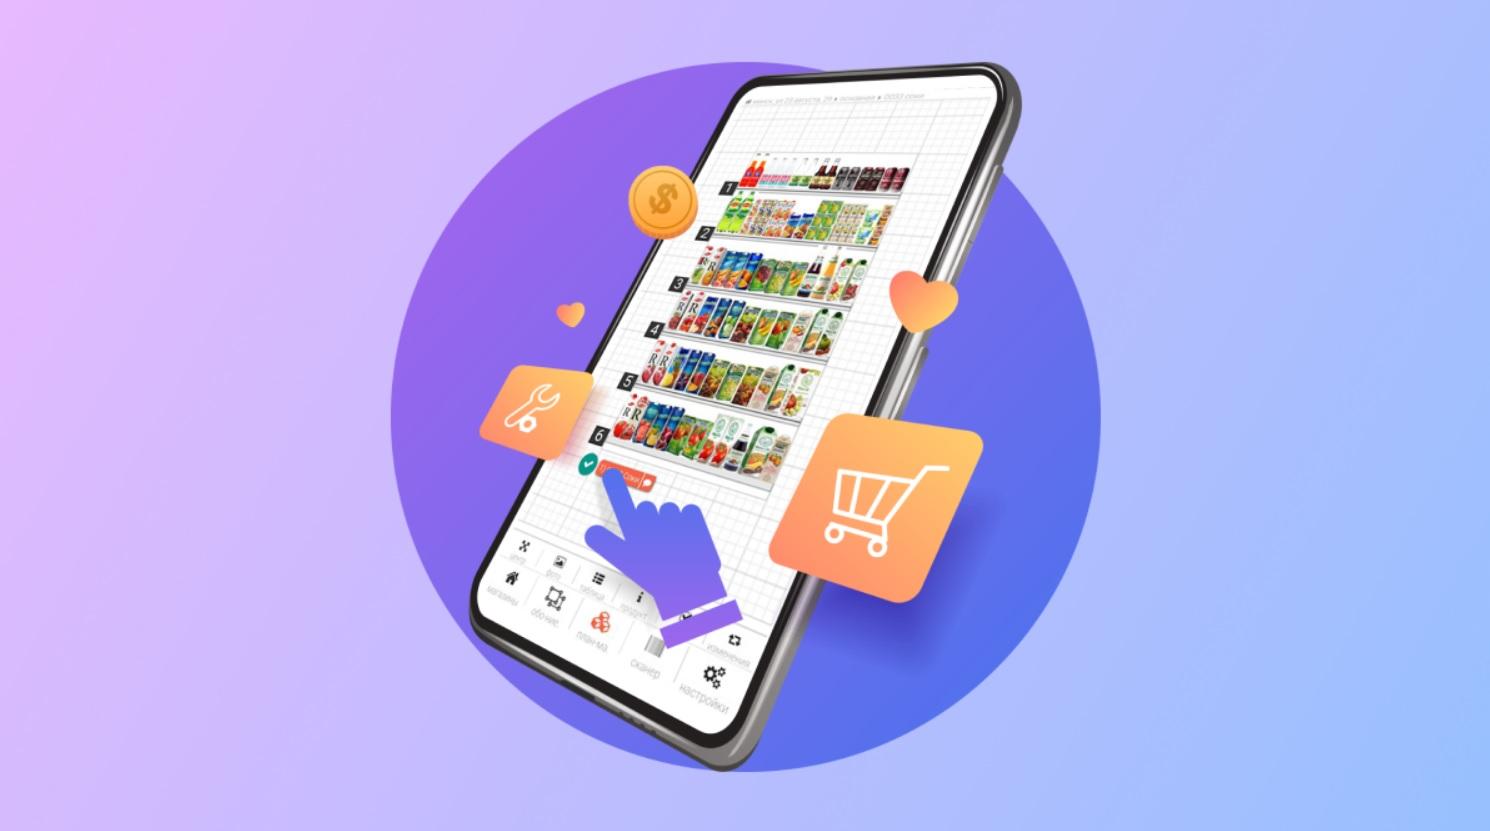 Магазин в кармане. Как мобильное приложение ABM Shelf помогает управлять выкладкой в несколько кликов